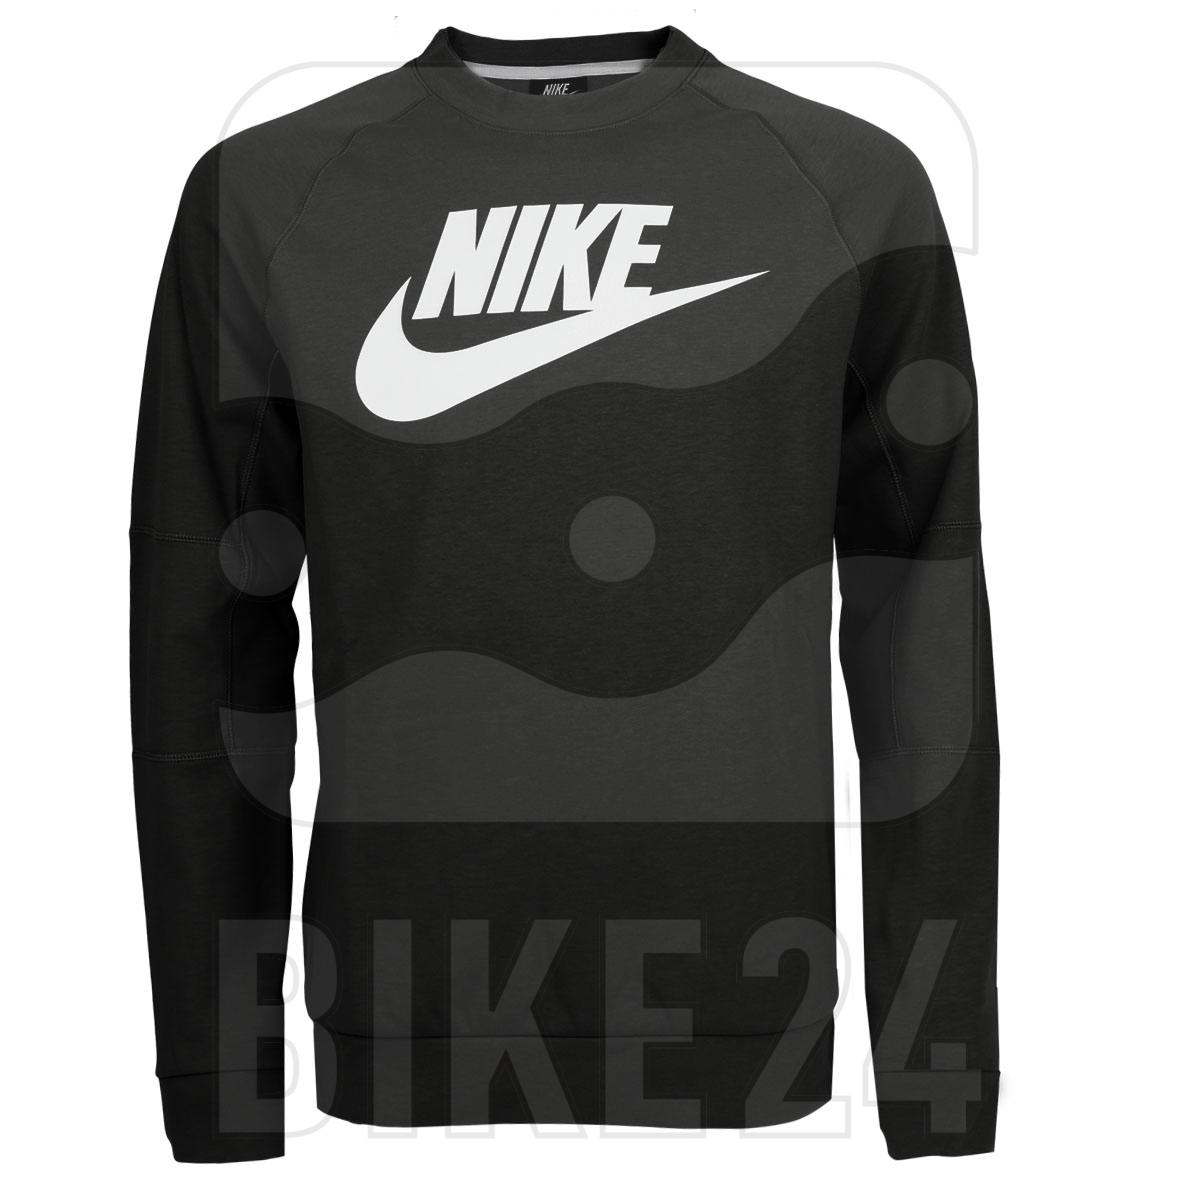 Produktbild von Nike Sportswear Fleece Crew Langarmshirt für Herren - black/white CU4473-010